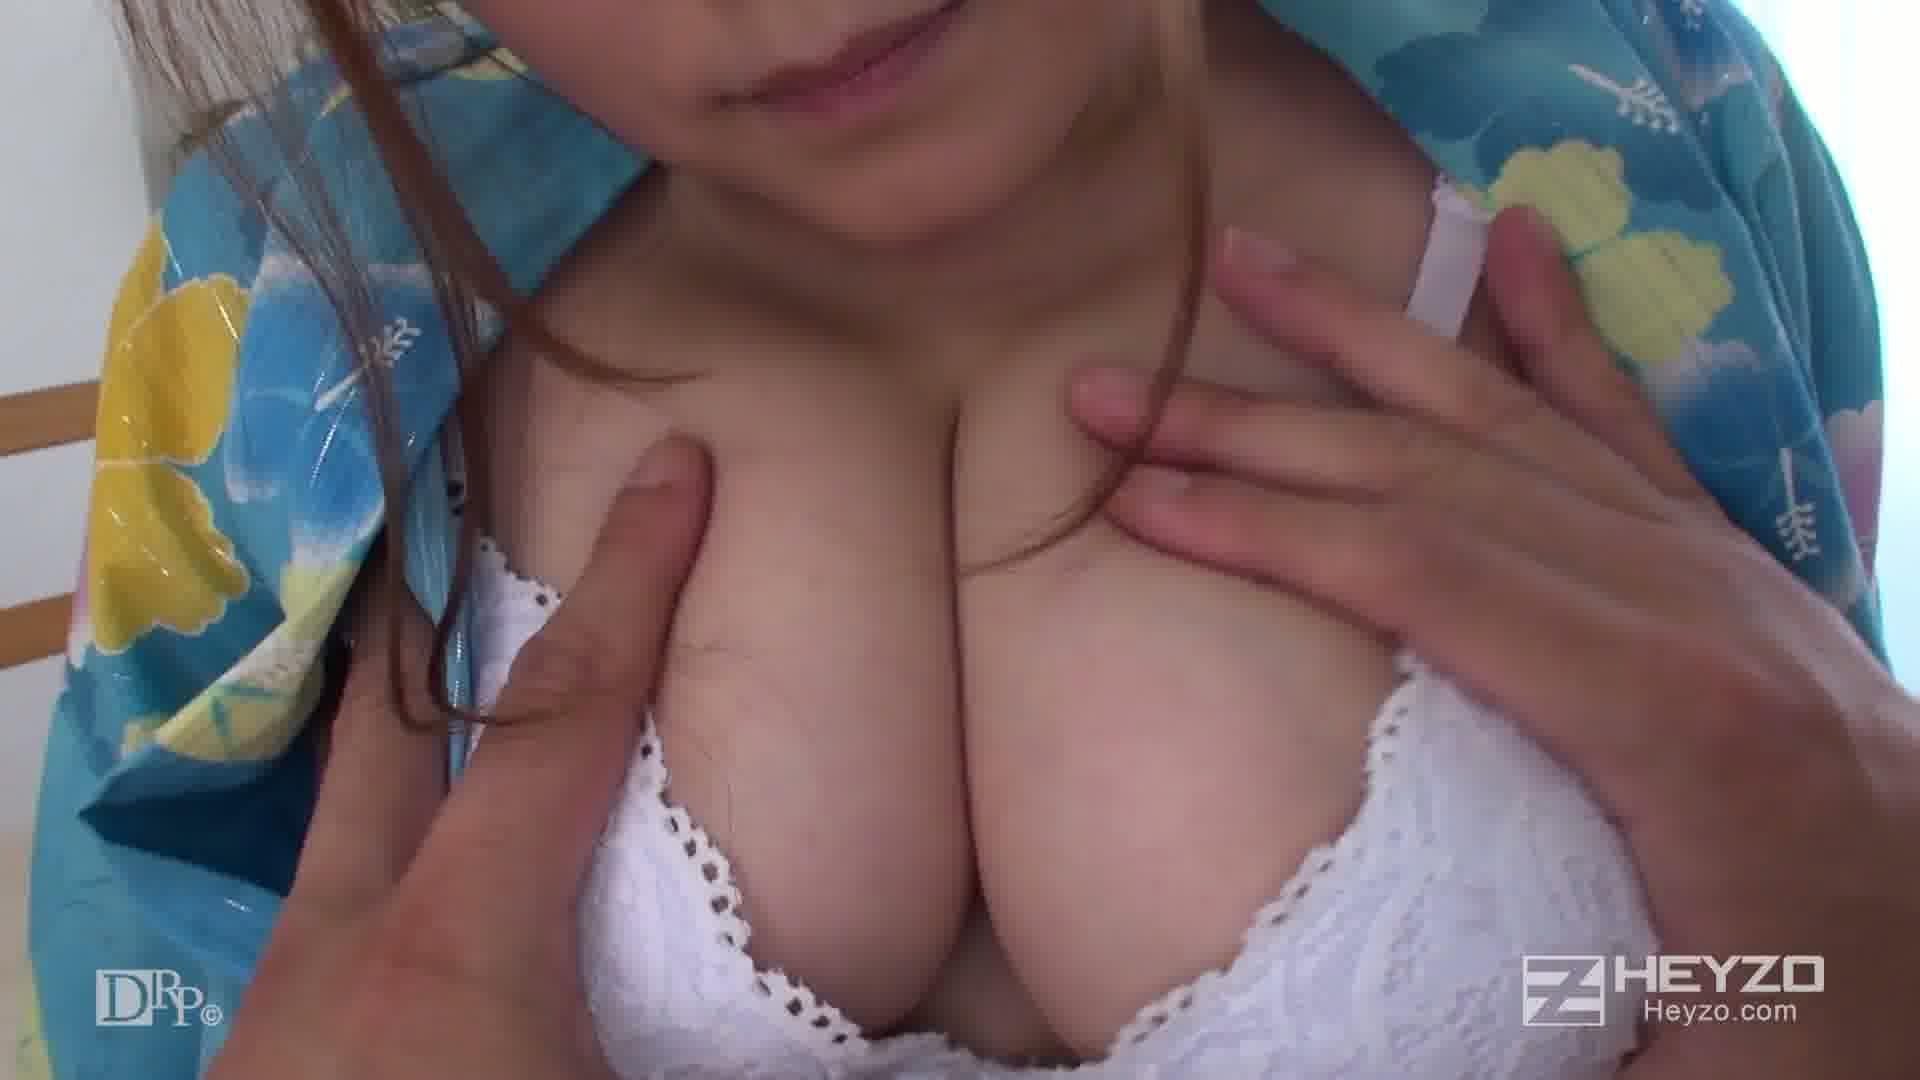 浴衣姿の茉莉とイチャイチャファック~思い出の夏セックス~ - 本山茉莉【ベロチュー 指マン クンニ 顔面騎乗 フェラ】